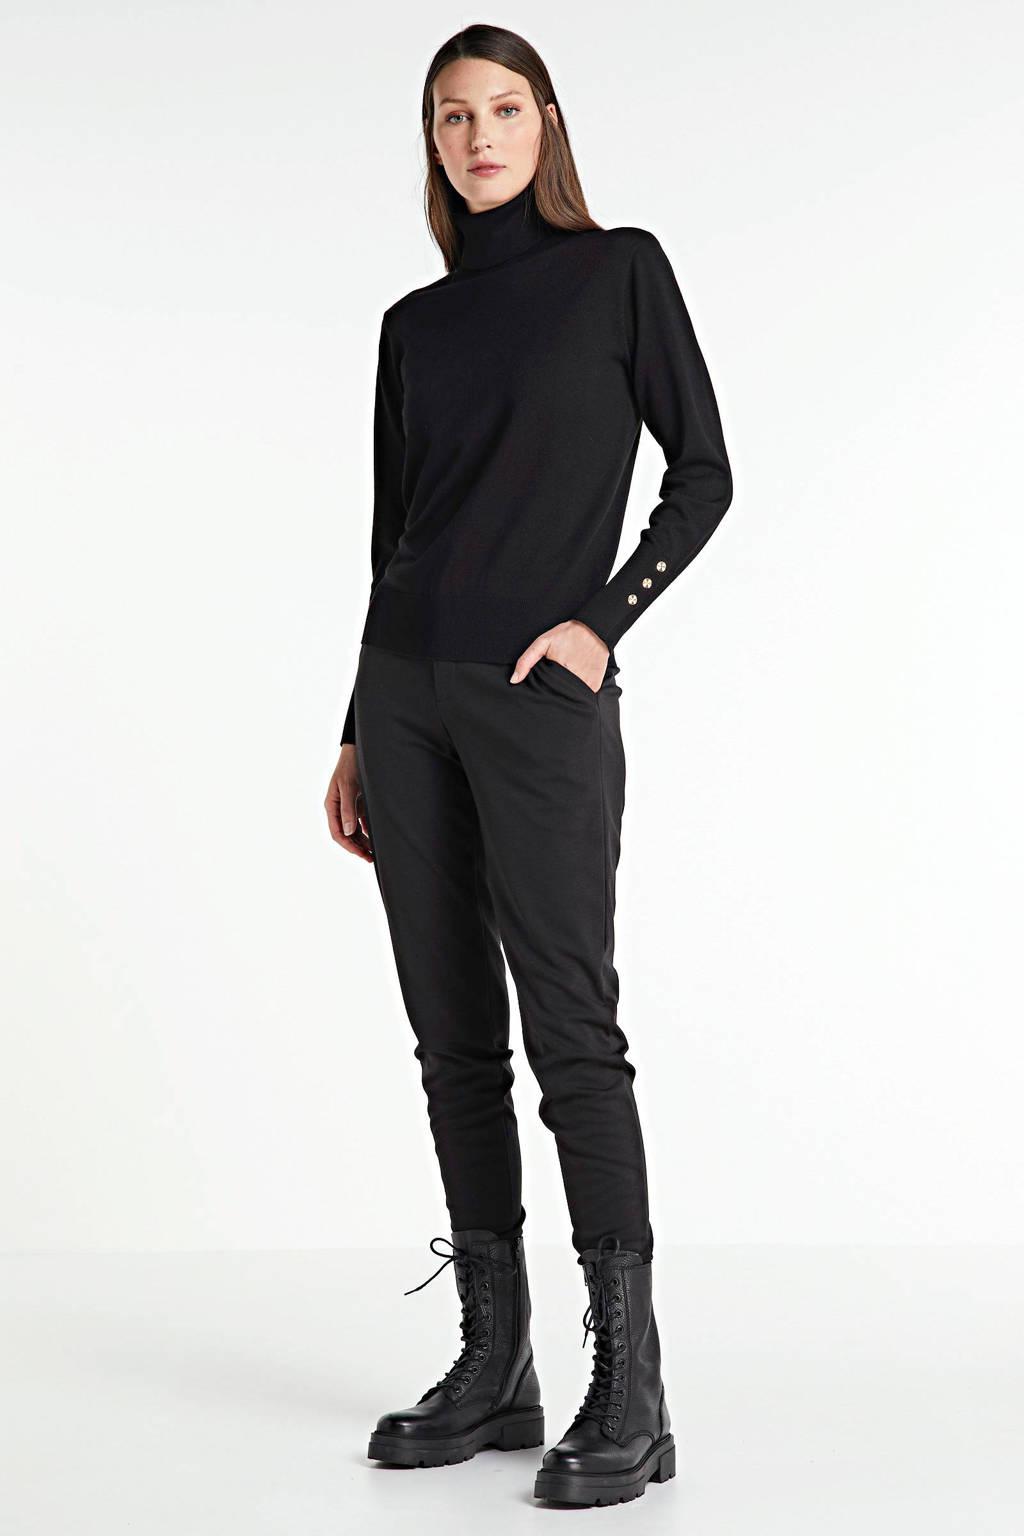 FREEQUENT high waist slim fit broek Nanni zwart, Zwart